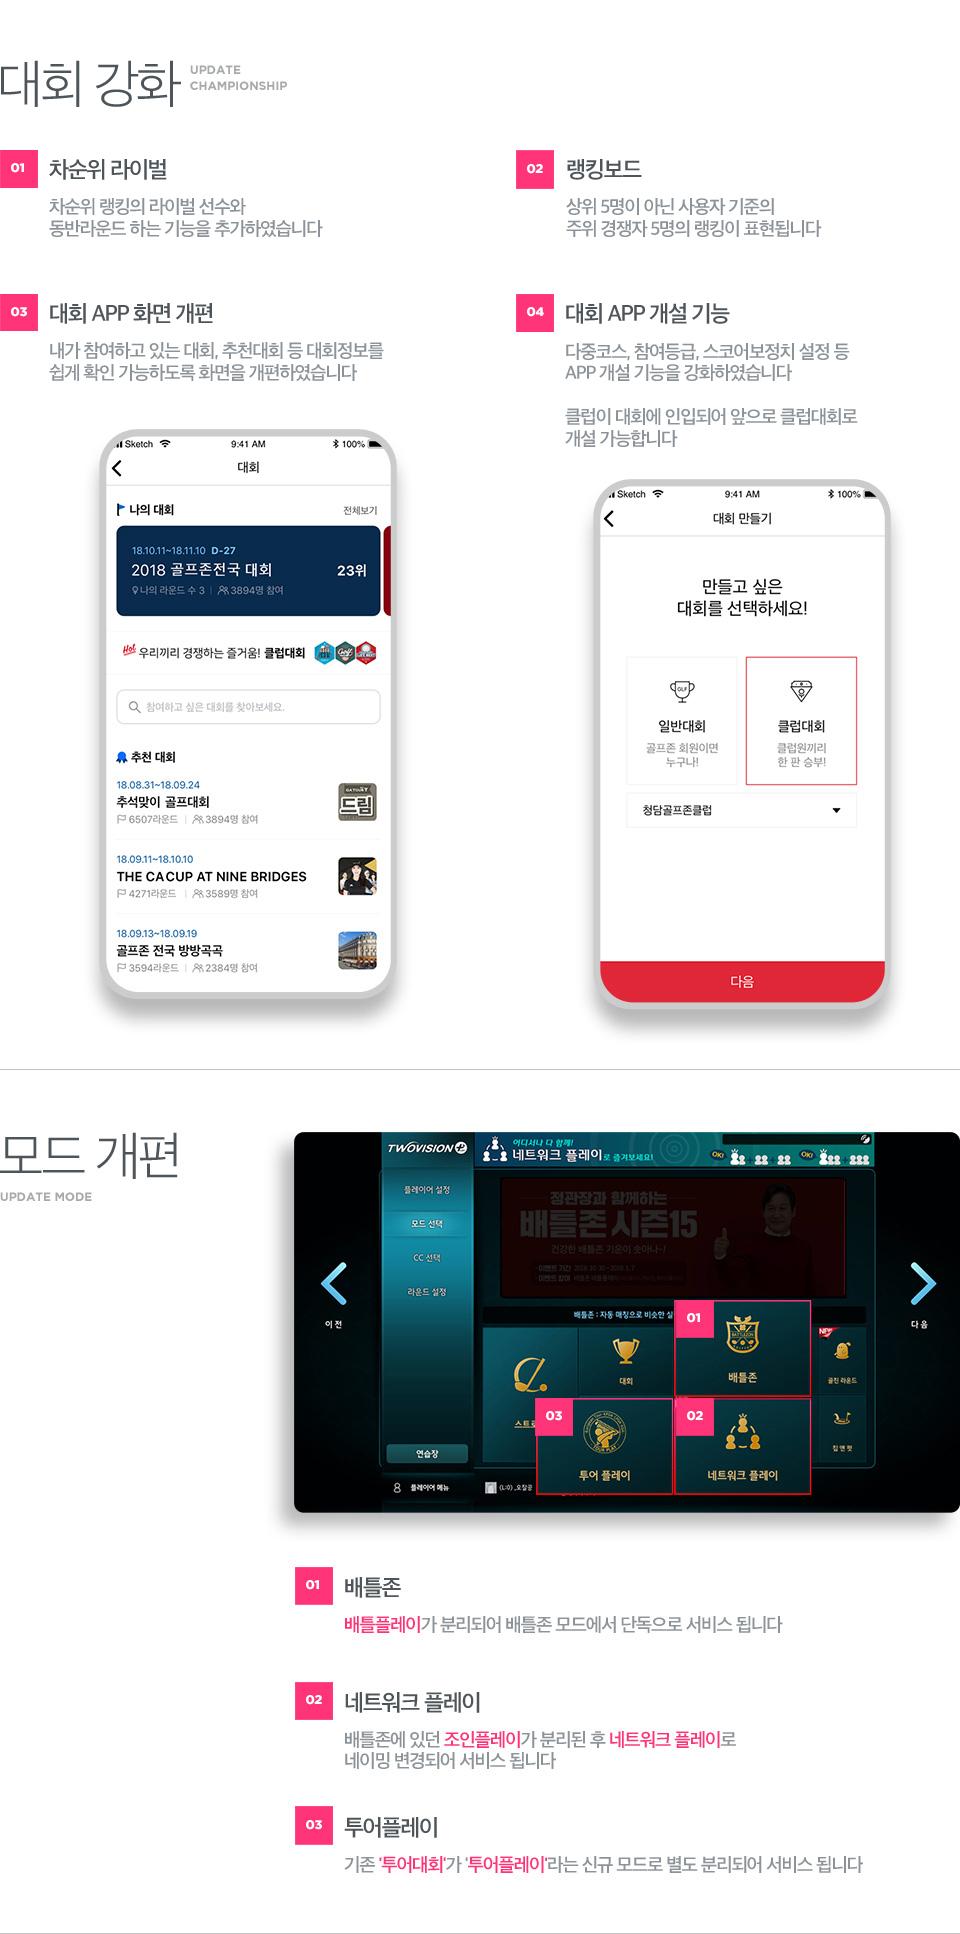 2019 신규 업데이트 내용 소개, 이하 내용 하단 참고